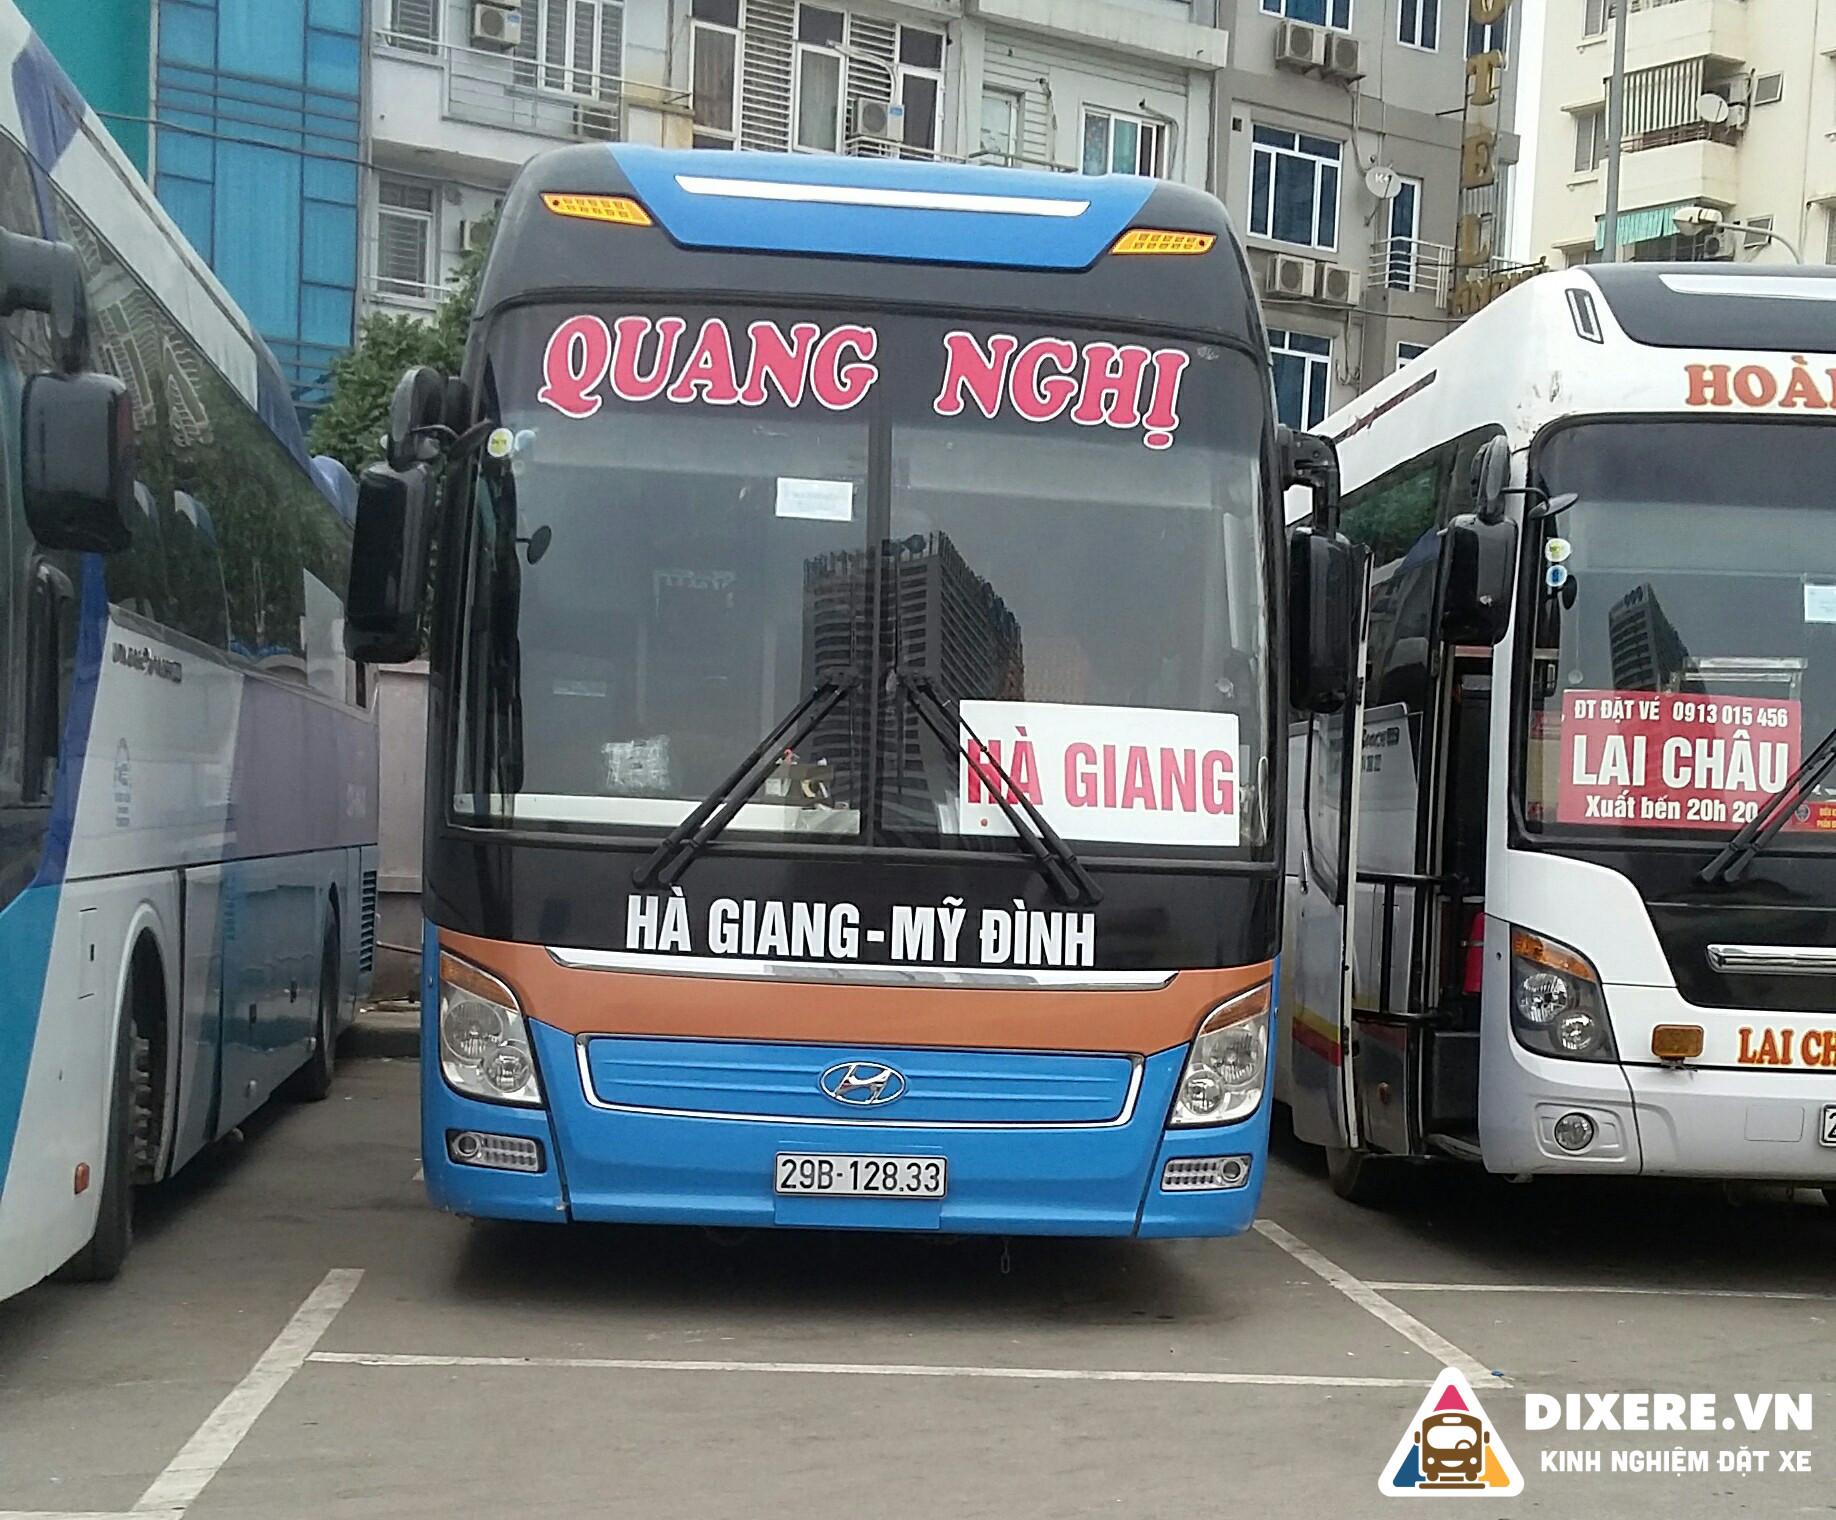 Xe Quang Nghị